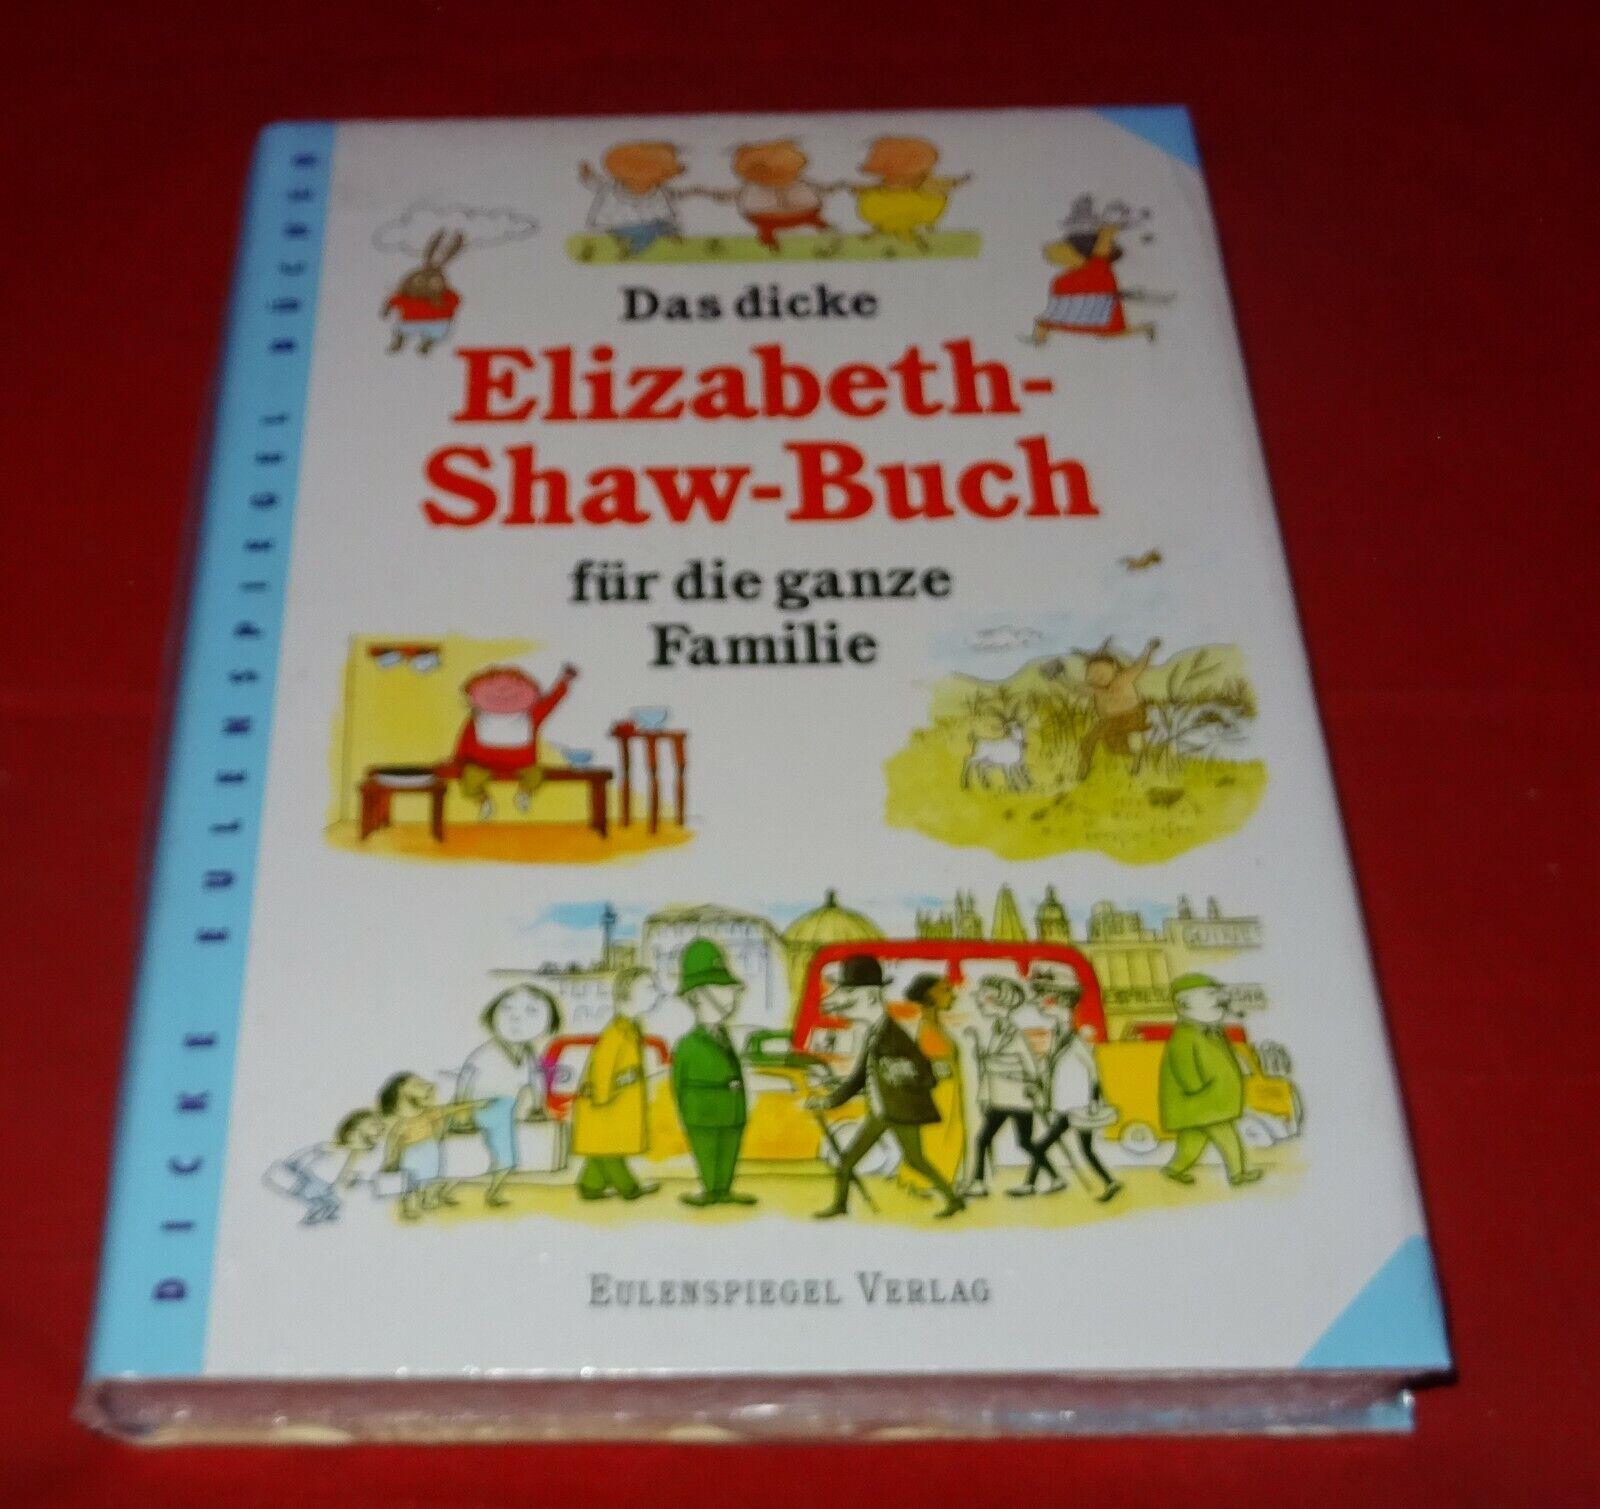 Das dicke Elizabeth-Shaw-Buch für die ganze Familie - Unbekannt